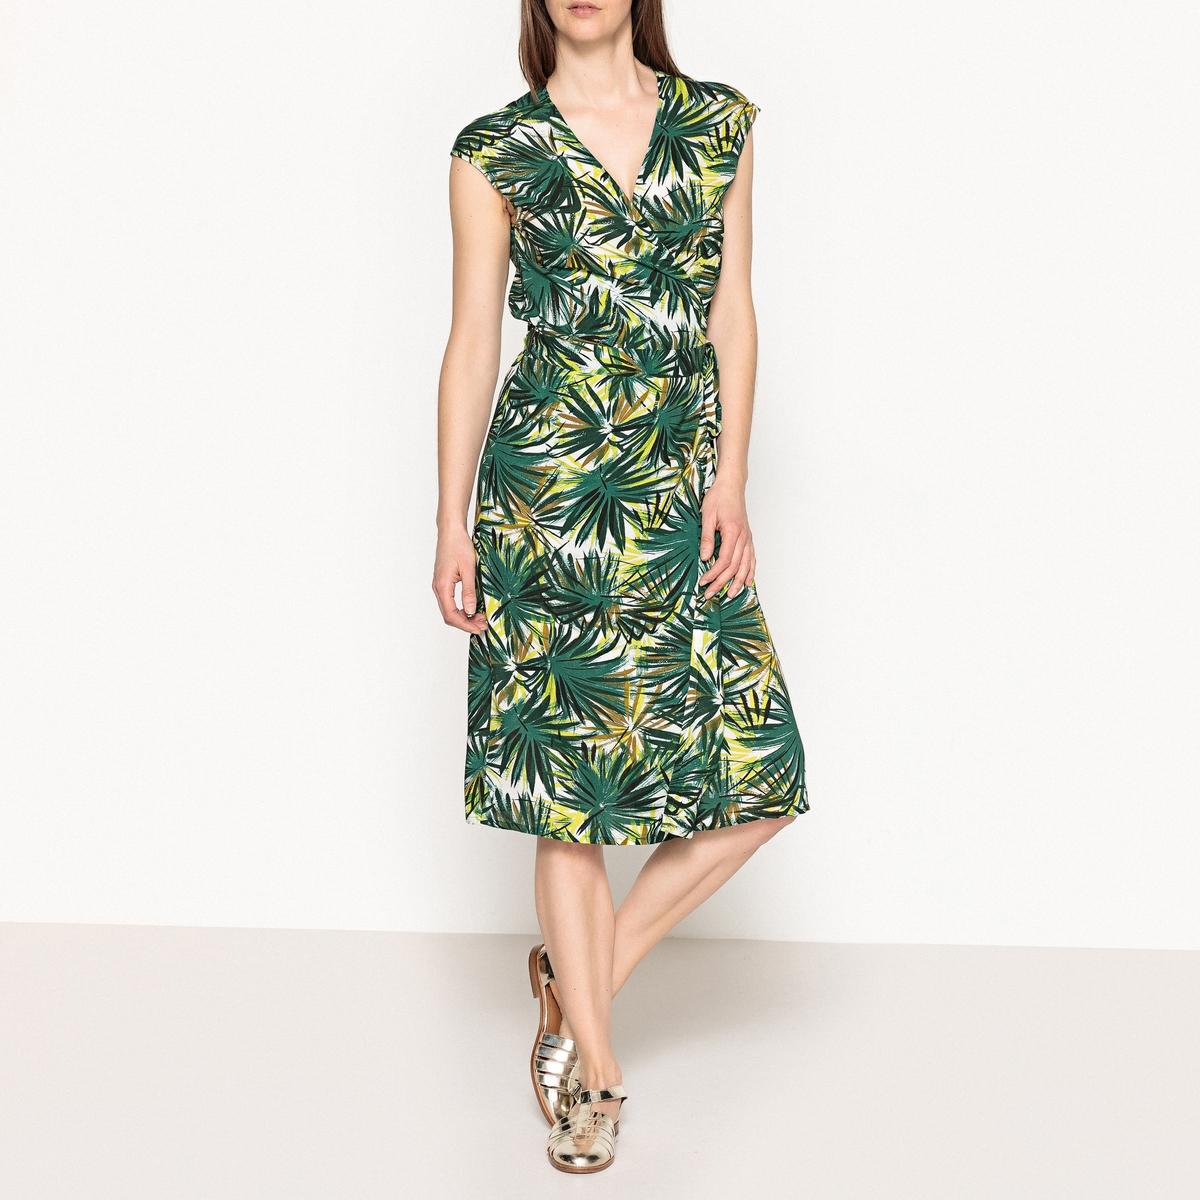 Платье с запахом и короткими рукавами ROULETTEОписание:Платье с запахом без рукавов HARTFORD - модель ROULETTE. Пояс с завязками. Платье из ткани с очень приятным рисунком.Детали •  Форма : с запахом •  Длина до колен •  Короткие рукава    •   V-образный вырез •  Рисунок-принтСостав и уход •  100% вискоза •  Следуйте рекомендациям по уходу, указанным на этикетке изделия •  Длина платья : ок. 110 см. для размера 1<br><br>Цвет: зеленый